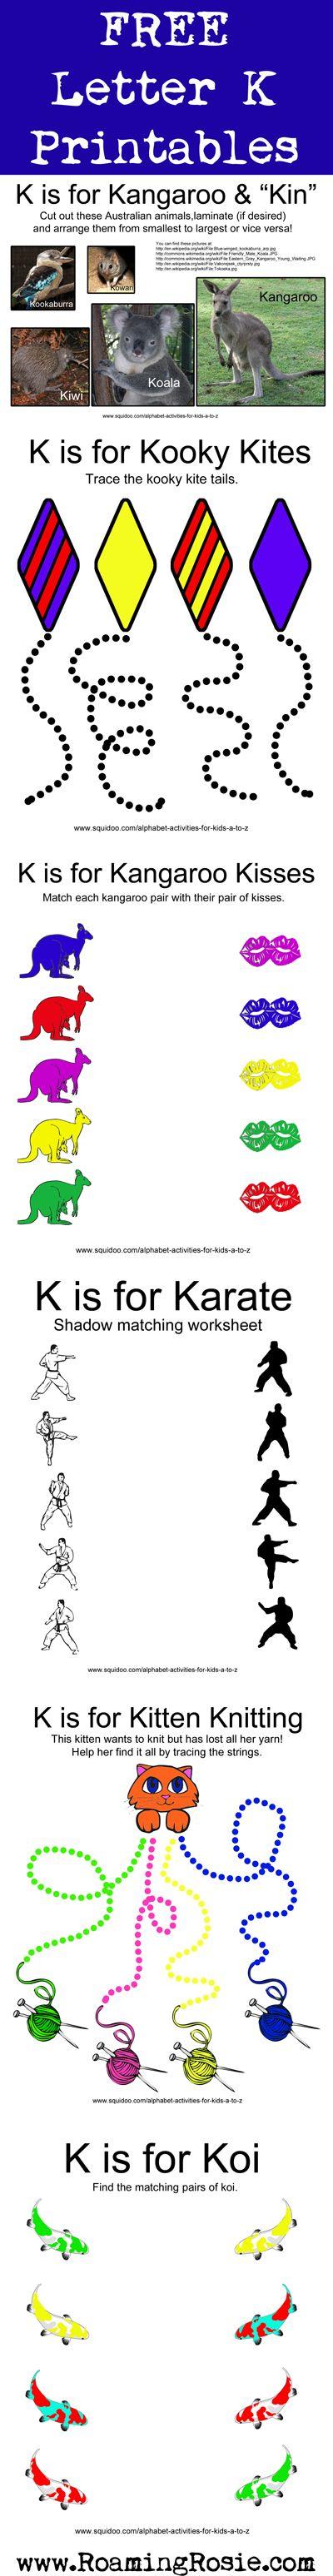 Letter K Free Printables Alphabet Activities For Kids Letters For Kids Worksheets For Kids Alphabet Activities [ 3095 x 400 Pixel ]